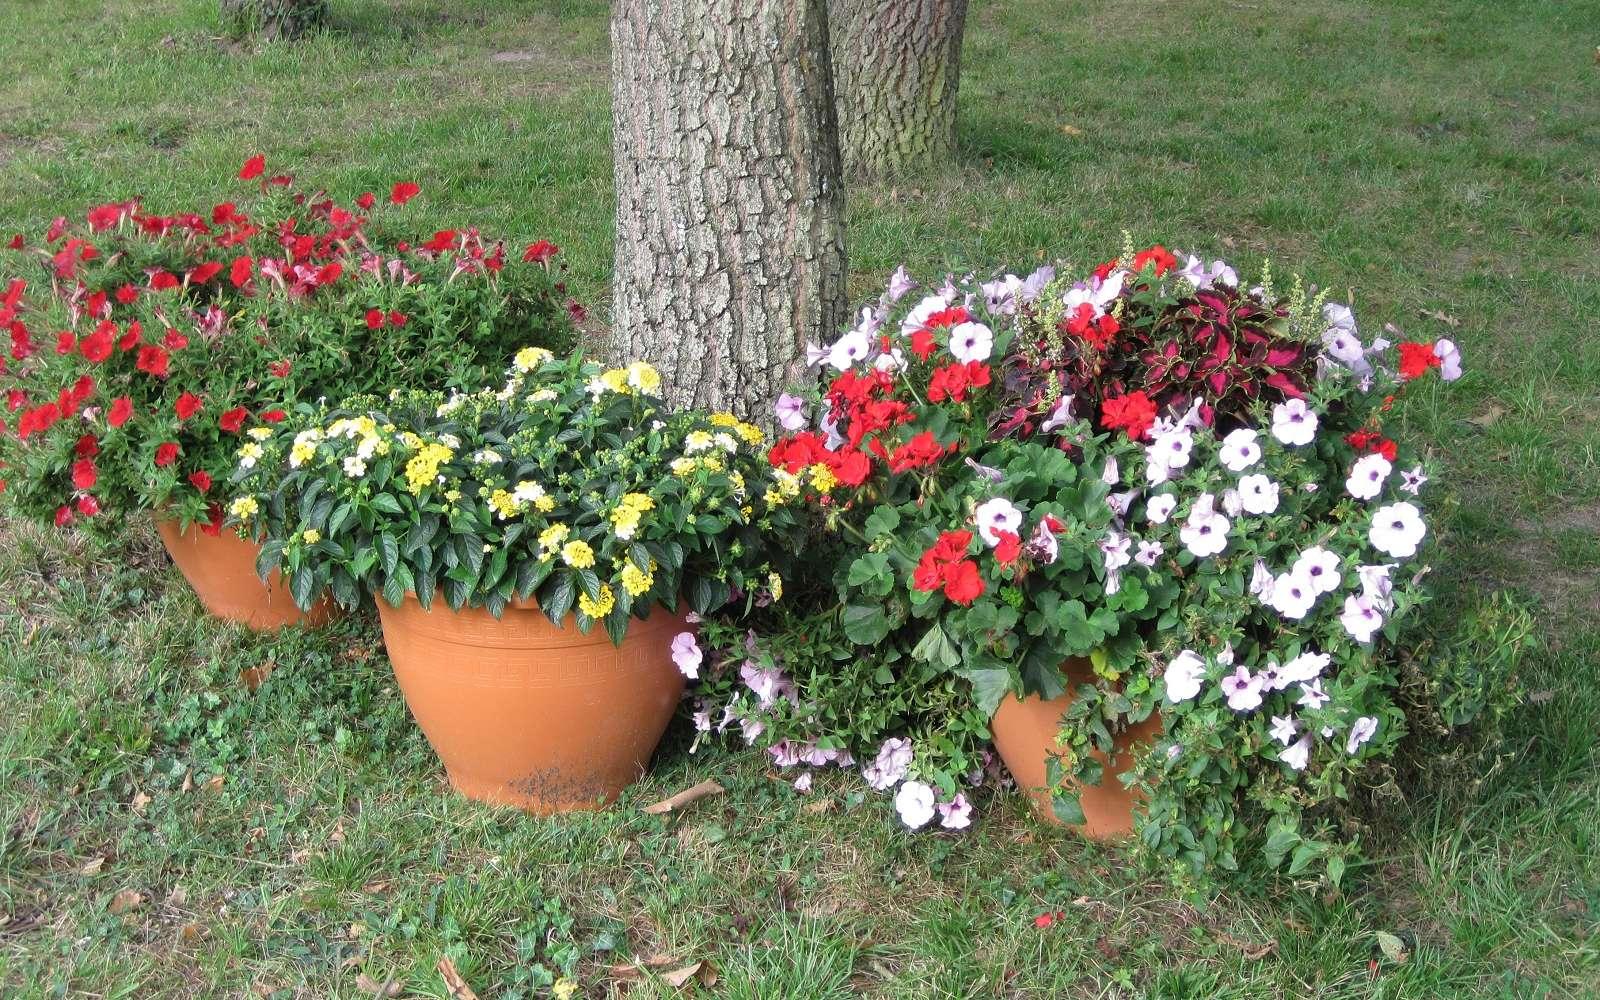 Potées estivales plantées d'annuelles avec des verveines, des géraniums et des pétunias. © S.Chaillot